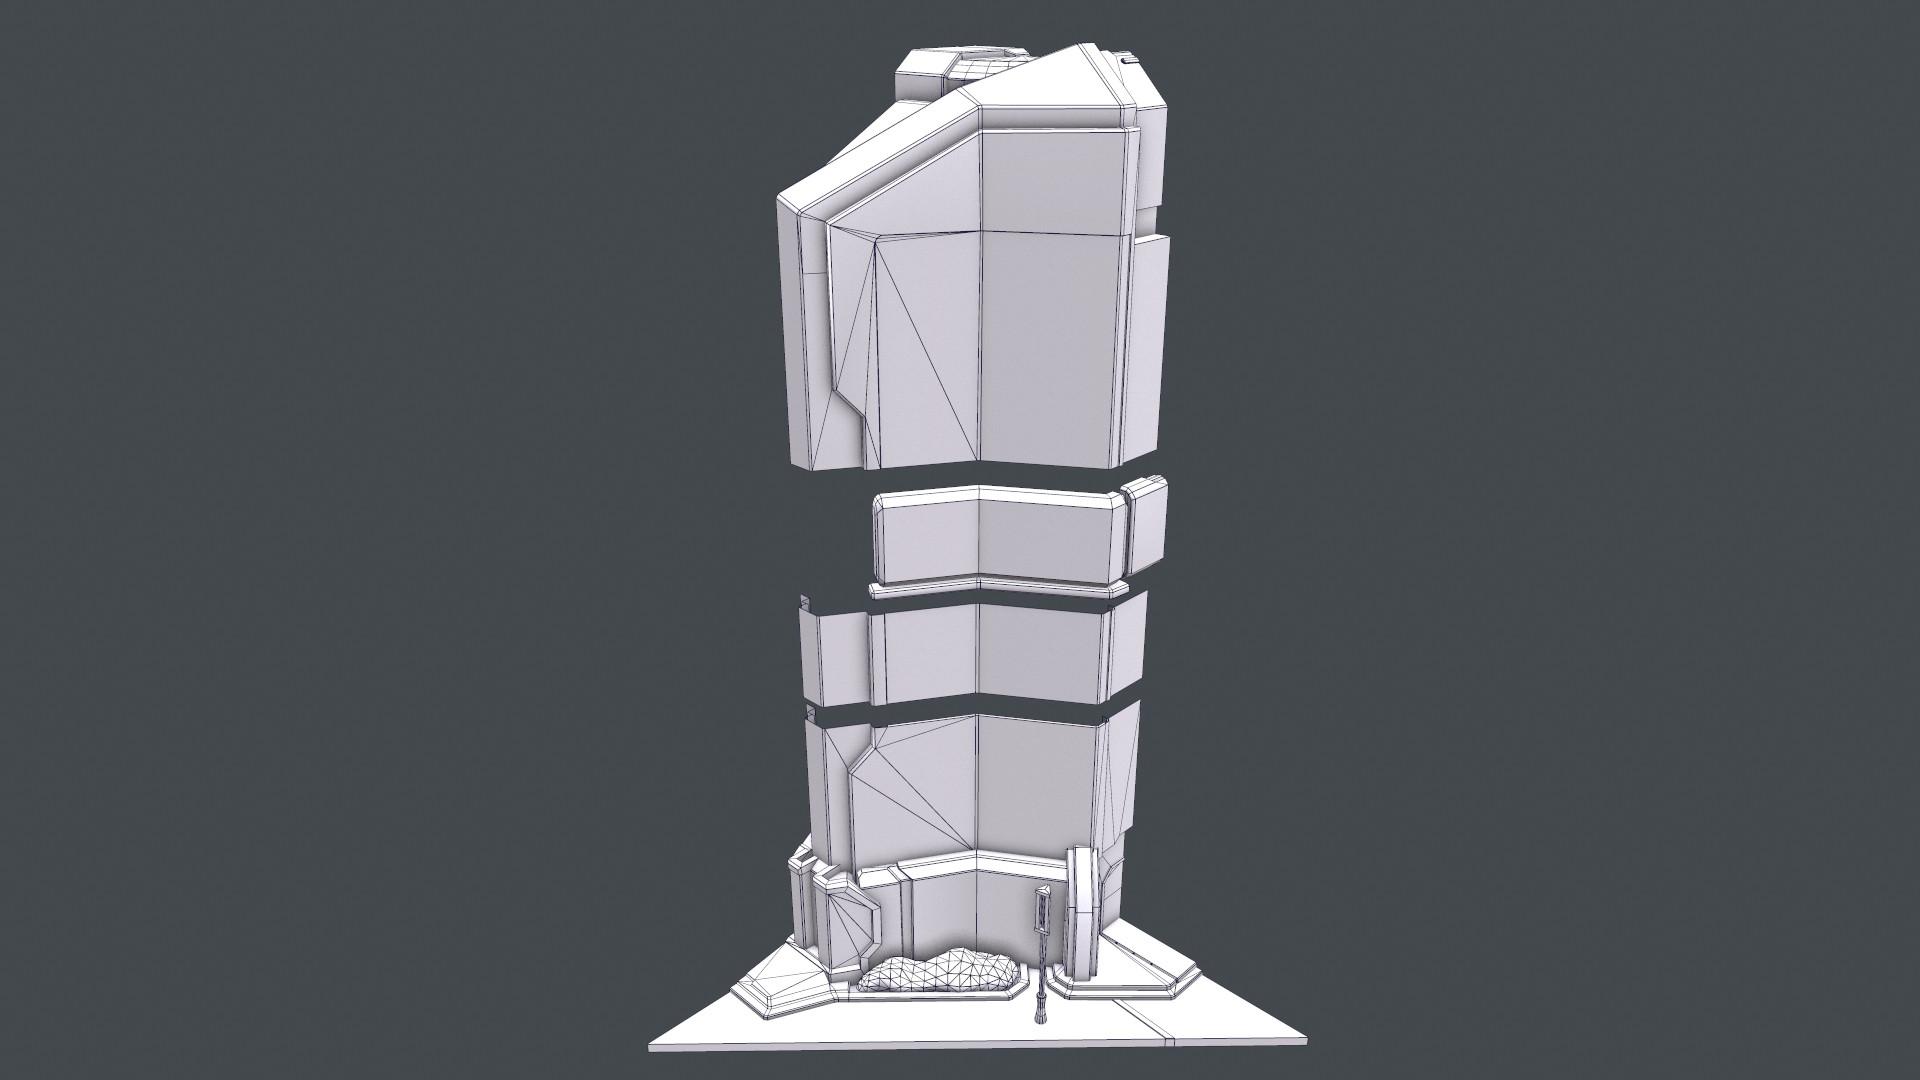 Sebastian vomvas building 8